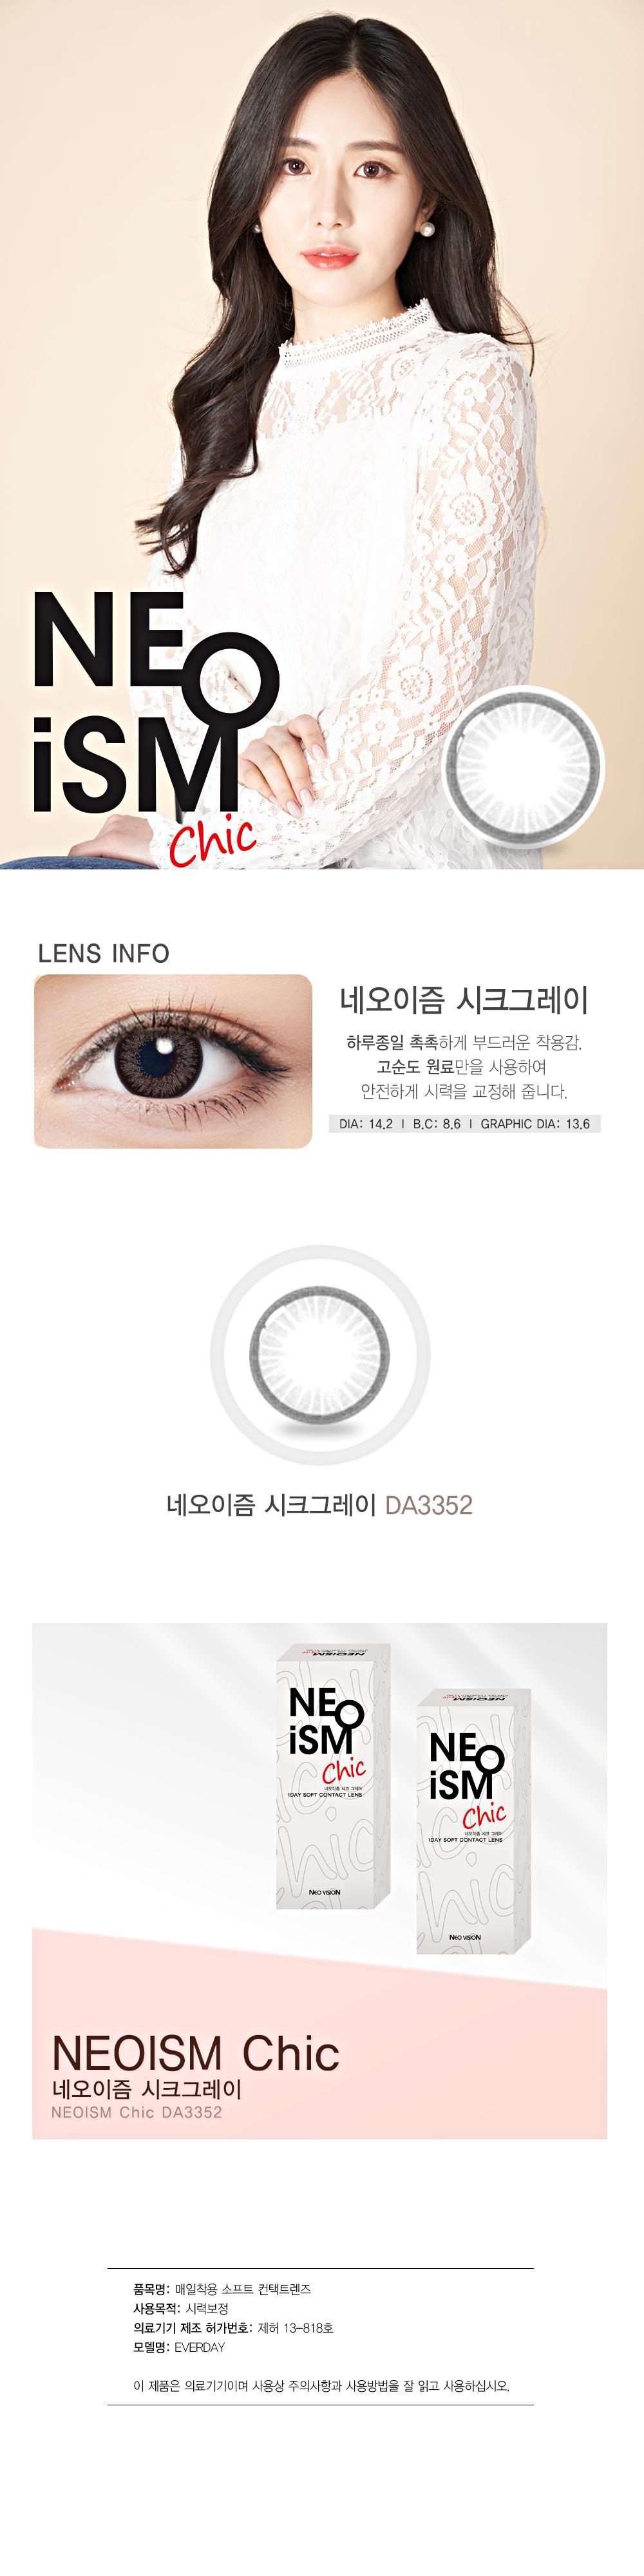 neoism-chic-korean-circle-lenses1.jpg